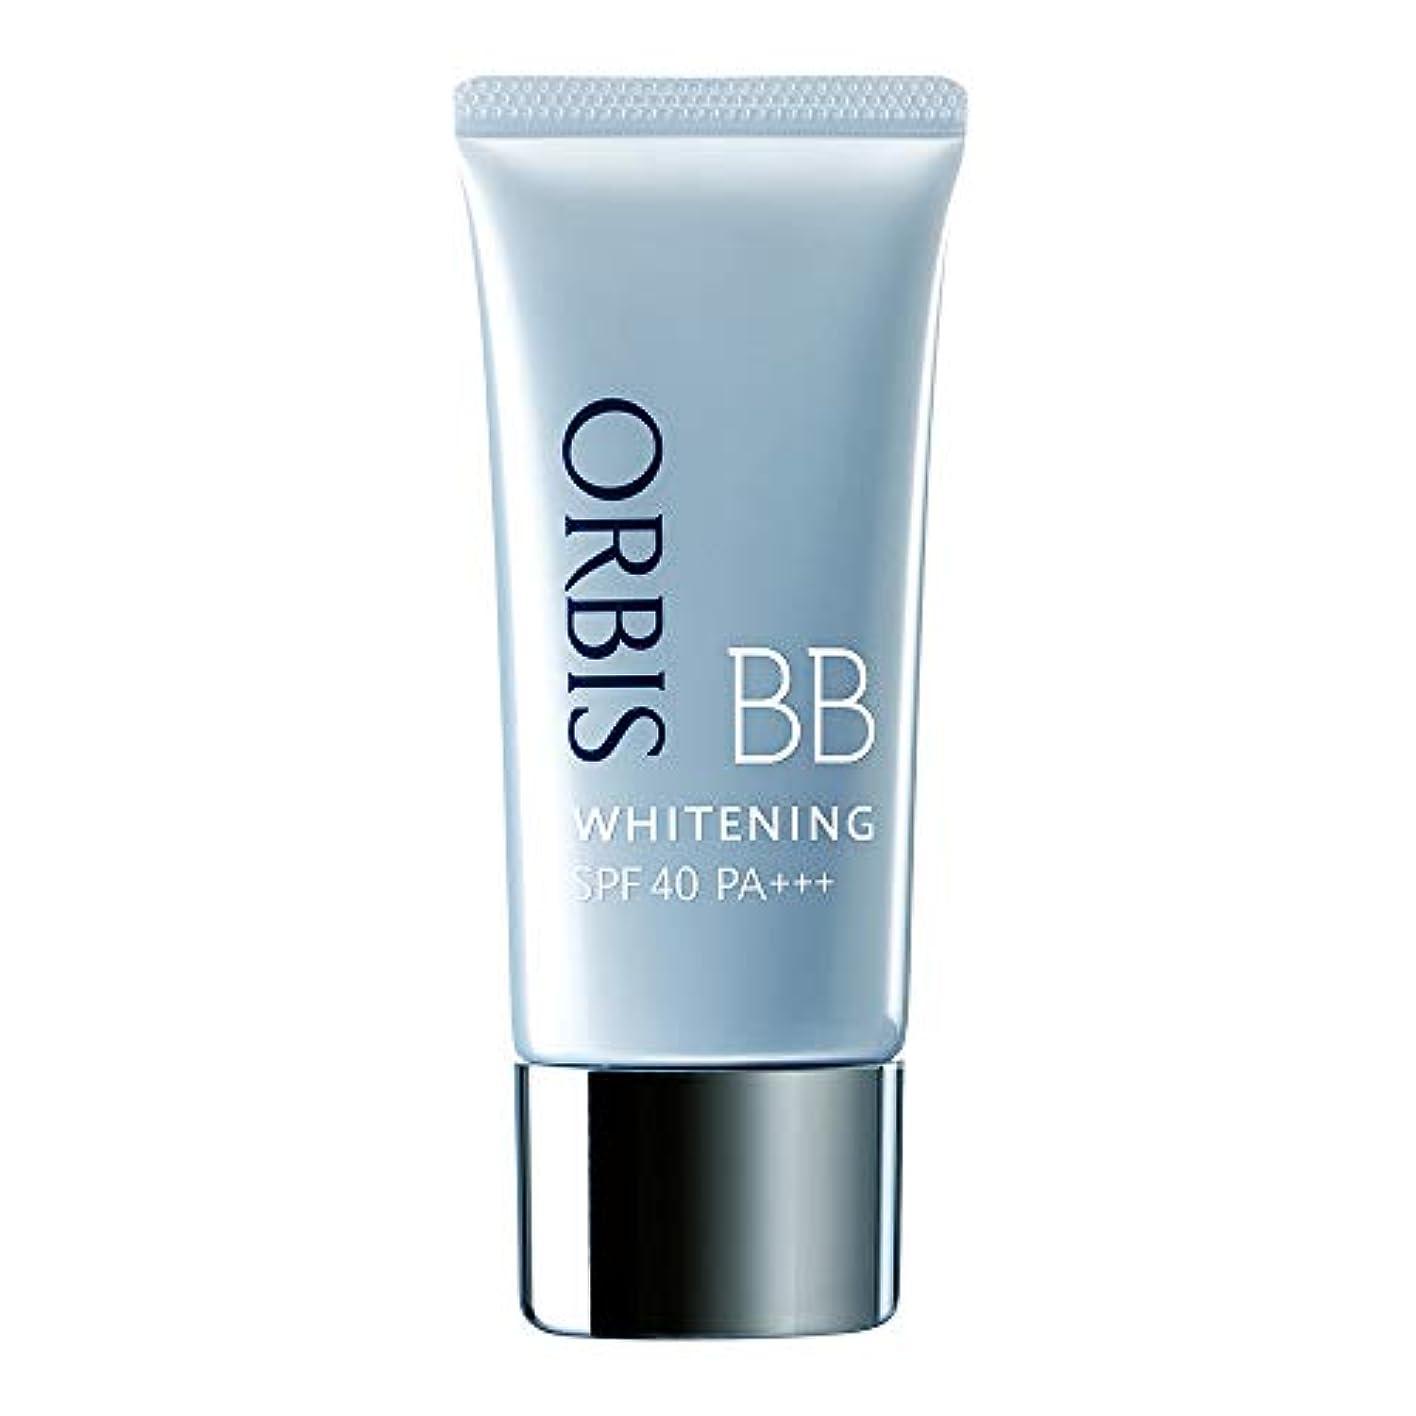 風みなす最も遠いオルビス(ORBIS) ホワイトニングBB(パフなし)ナチュラル 35g SPF40/PA+++ ◎薬用美白BBクリーム◎ [医薬部外品]